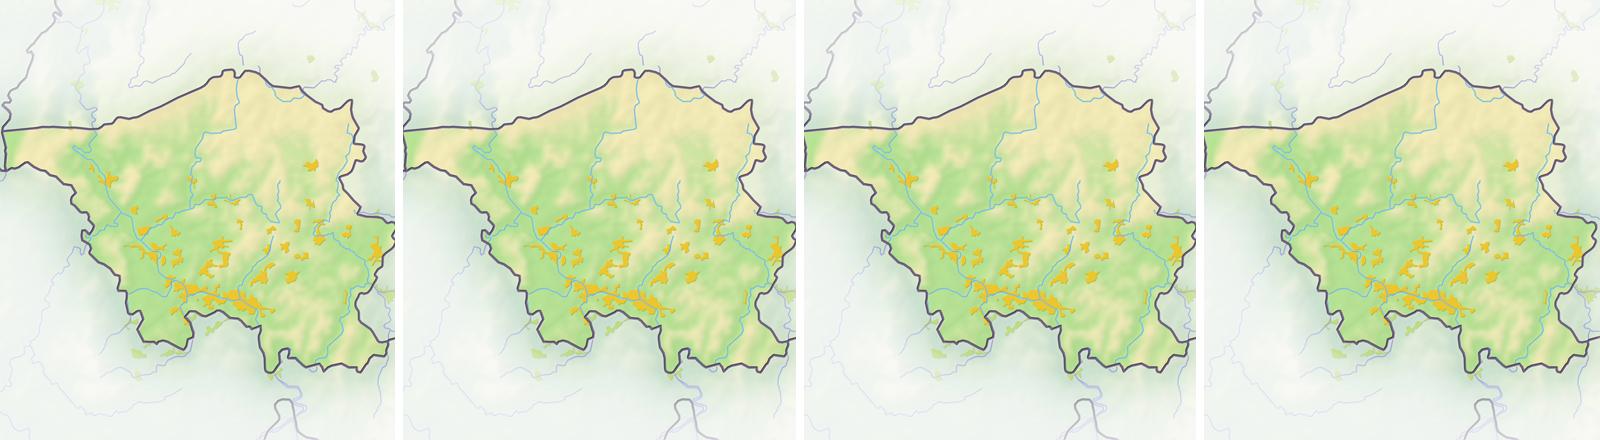 Grafiken des Saarlandes